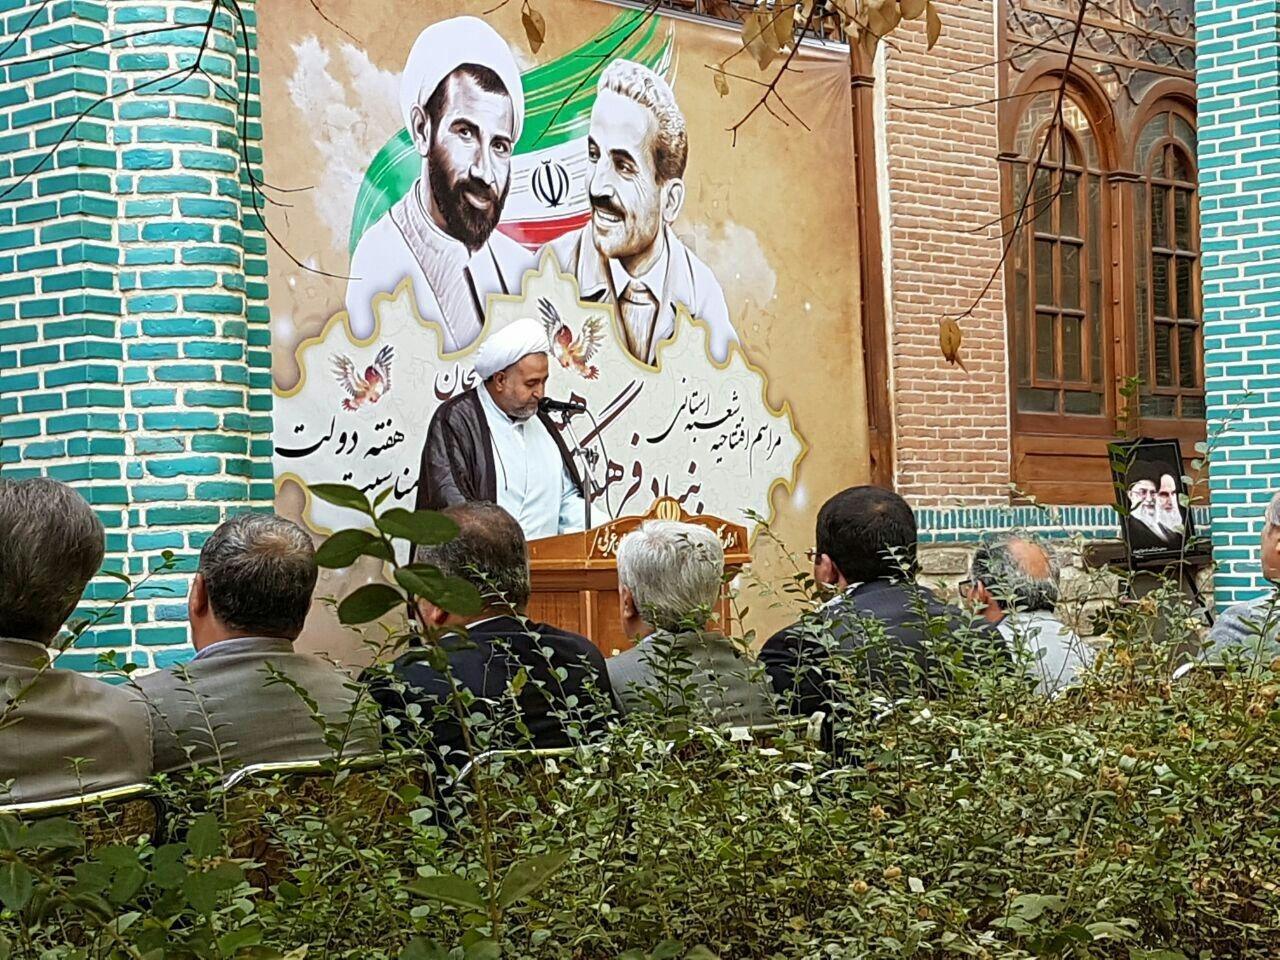 انتقاد شدید رسانه های ارومیه از عملکرد شاخه استانی، بنیاد فرهنگ و هنر آذربایجان | شائبه قومیت گرایی